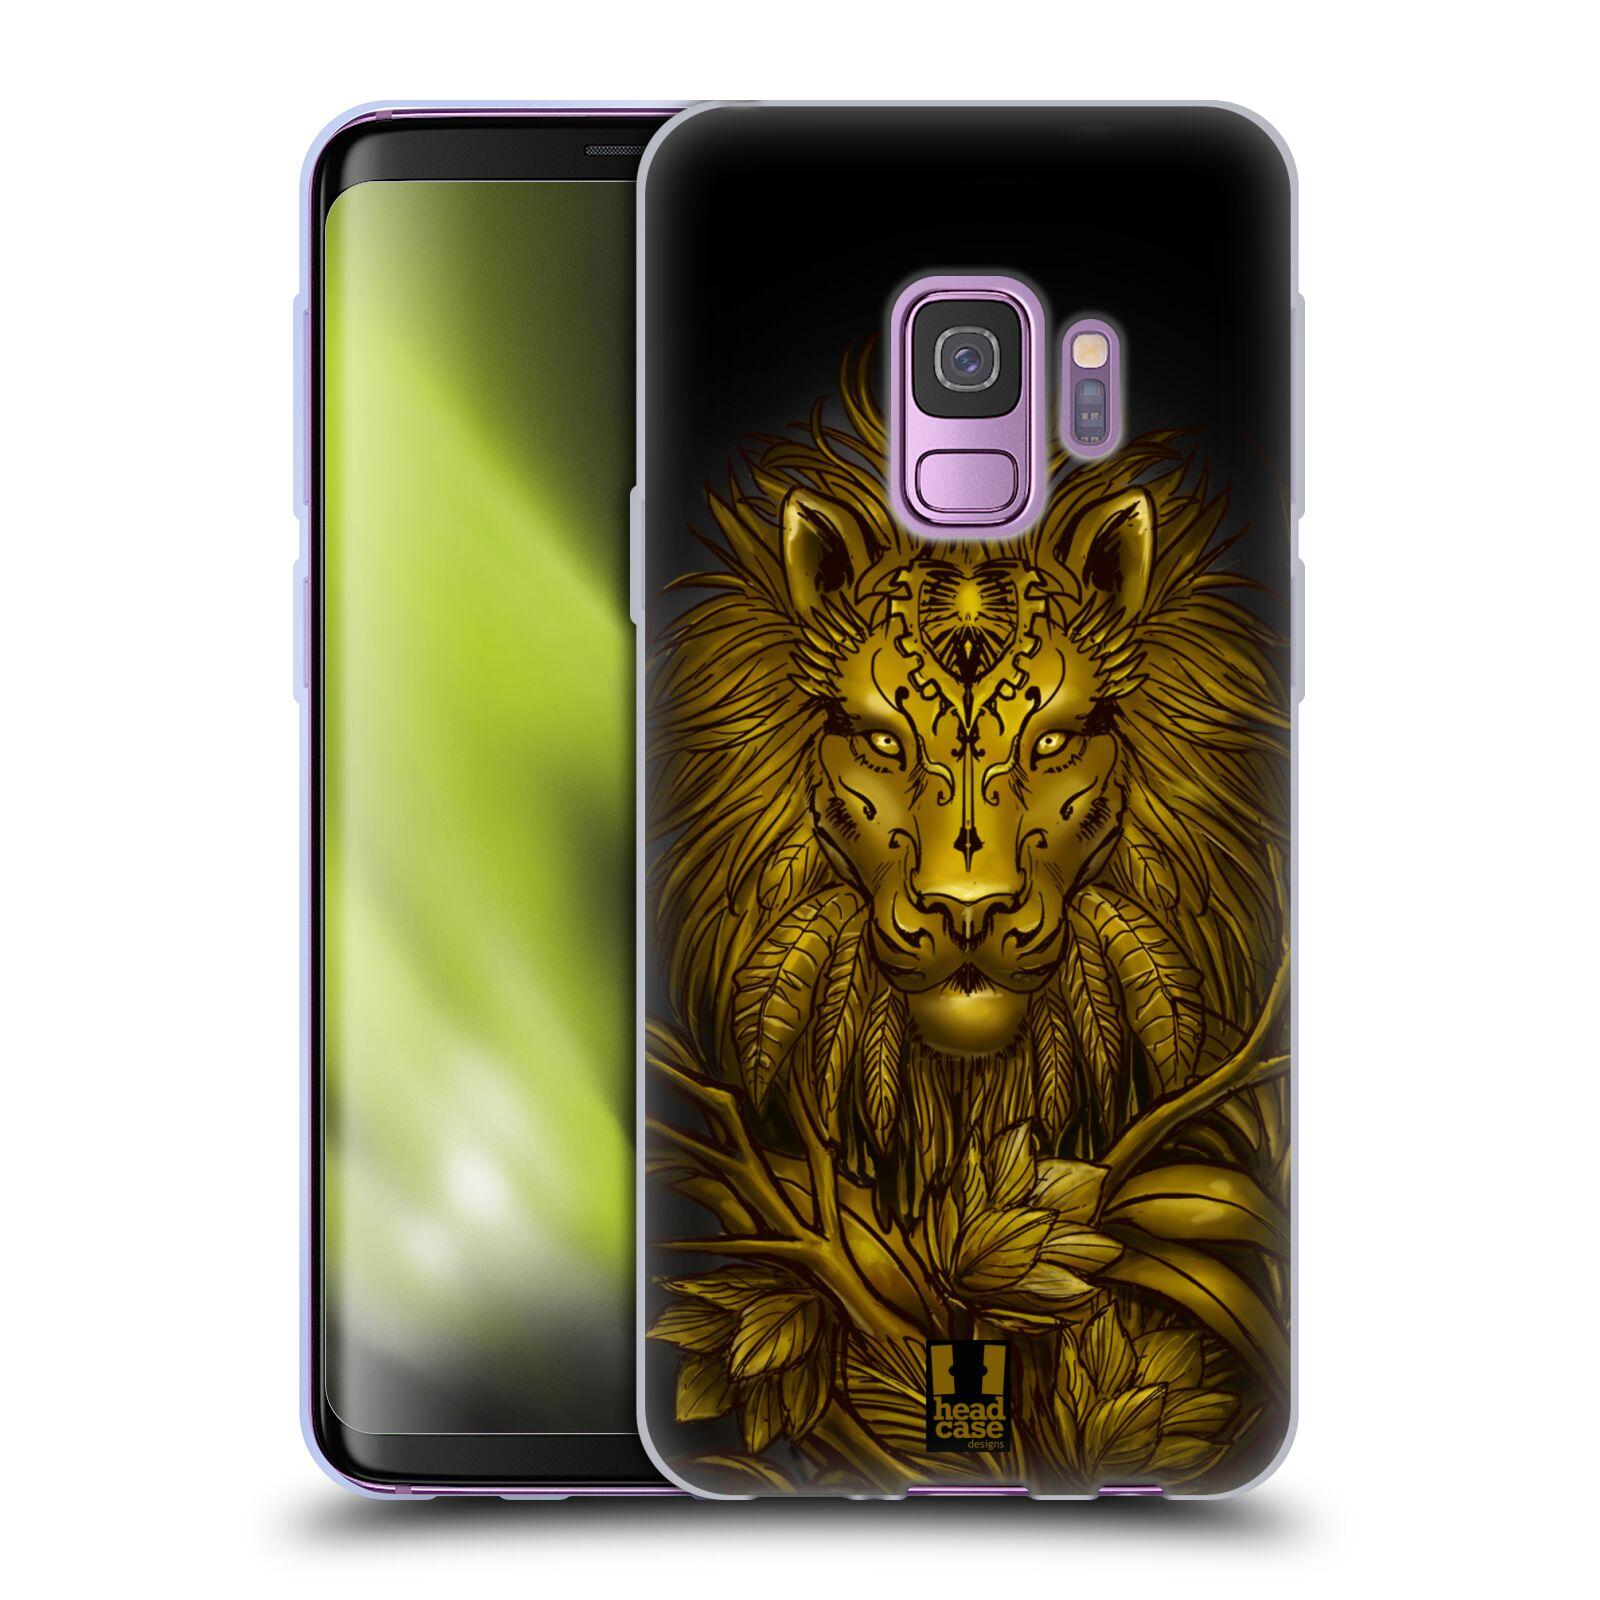 Funda-HEAD-CASE-DESIGNS-con-animales-salvajes-Gel-Suave-Para-Telefonos-Samsung-1